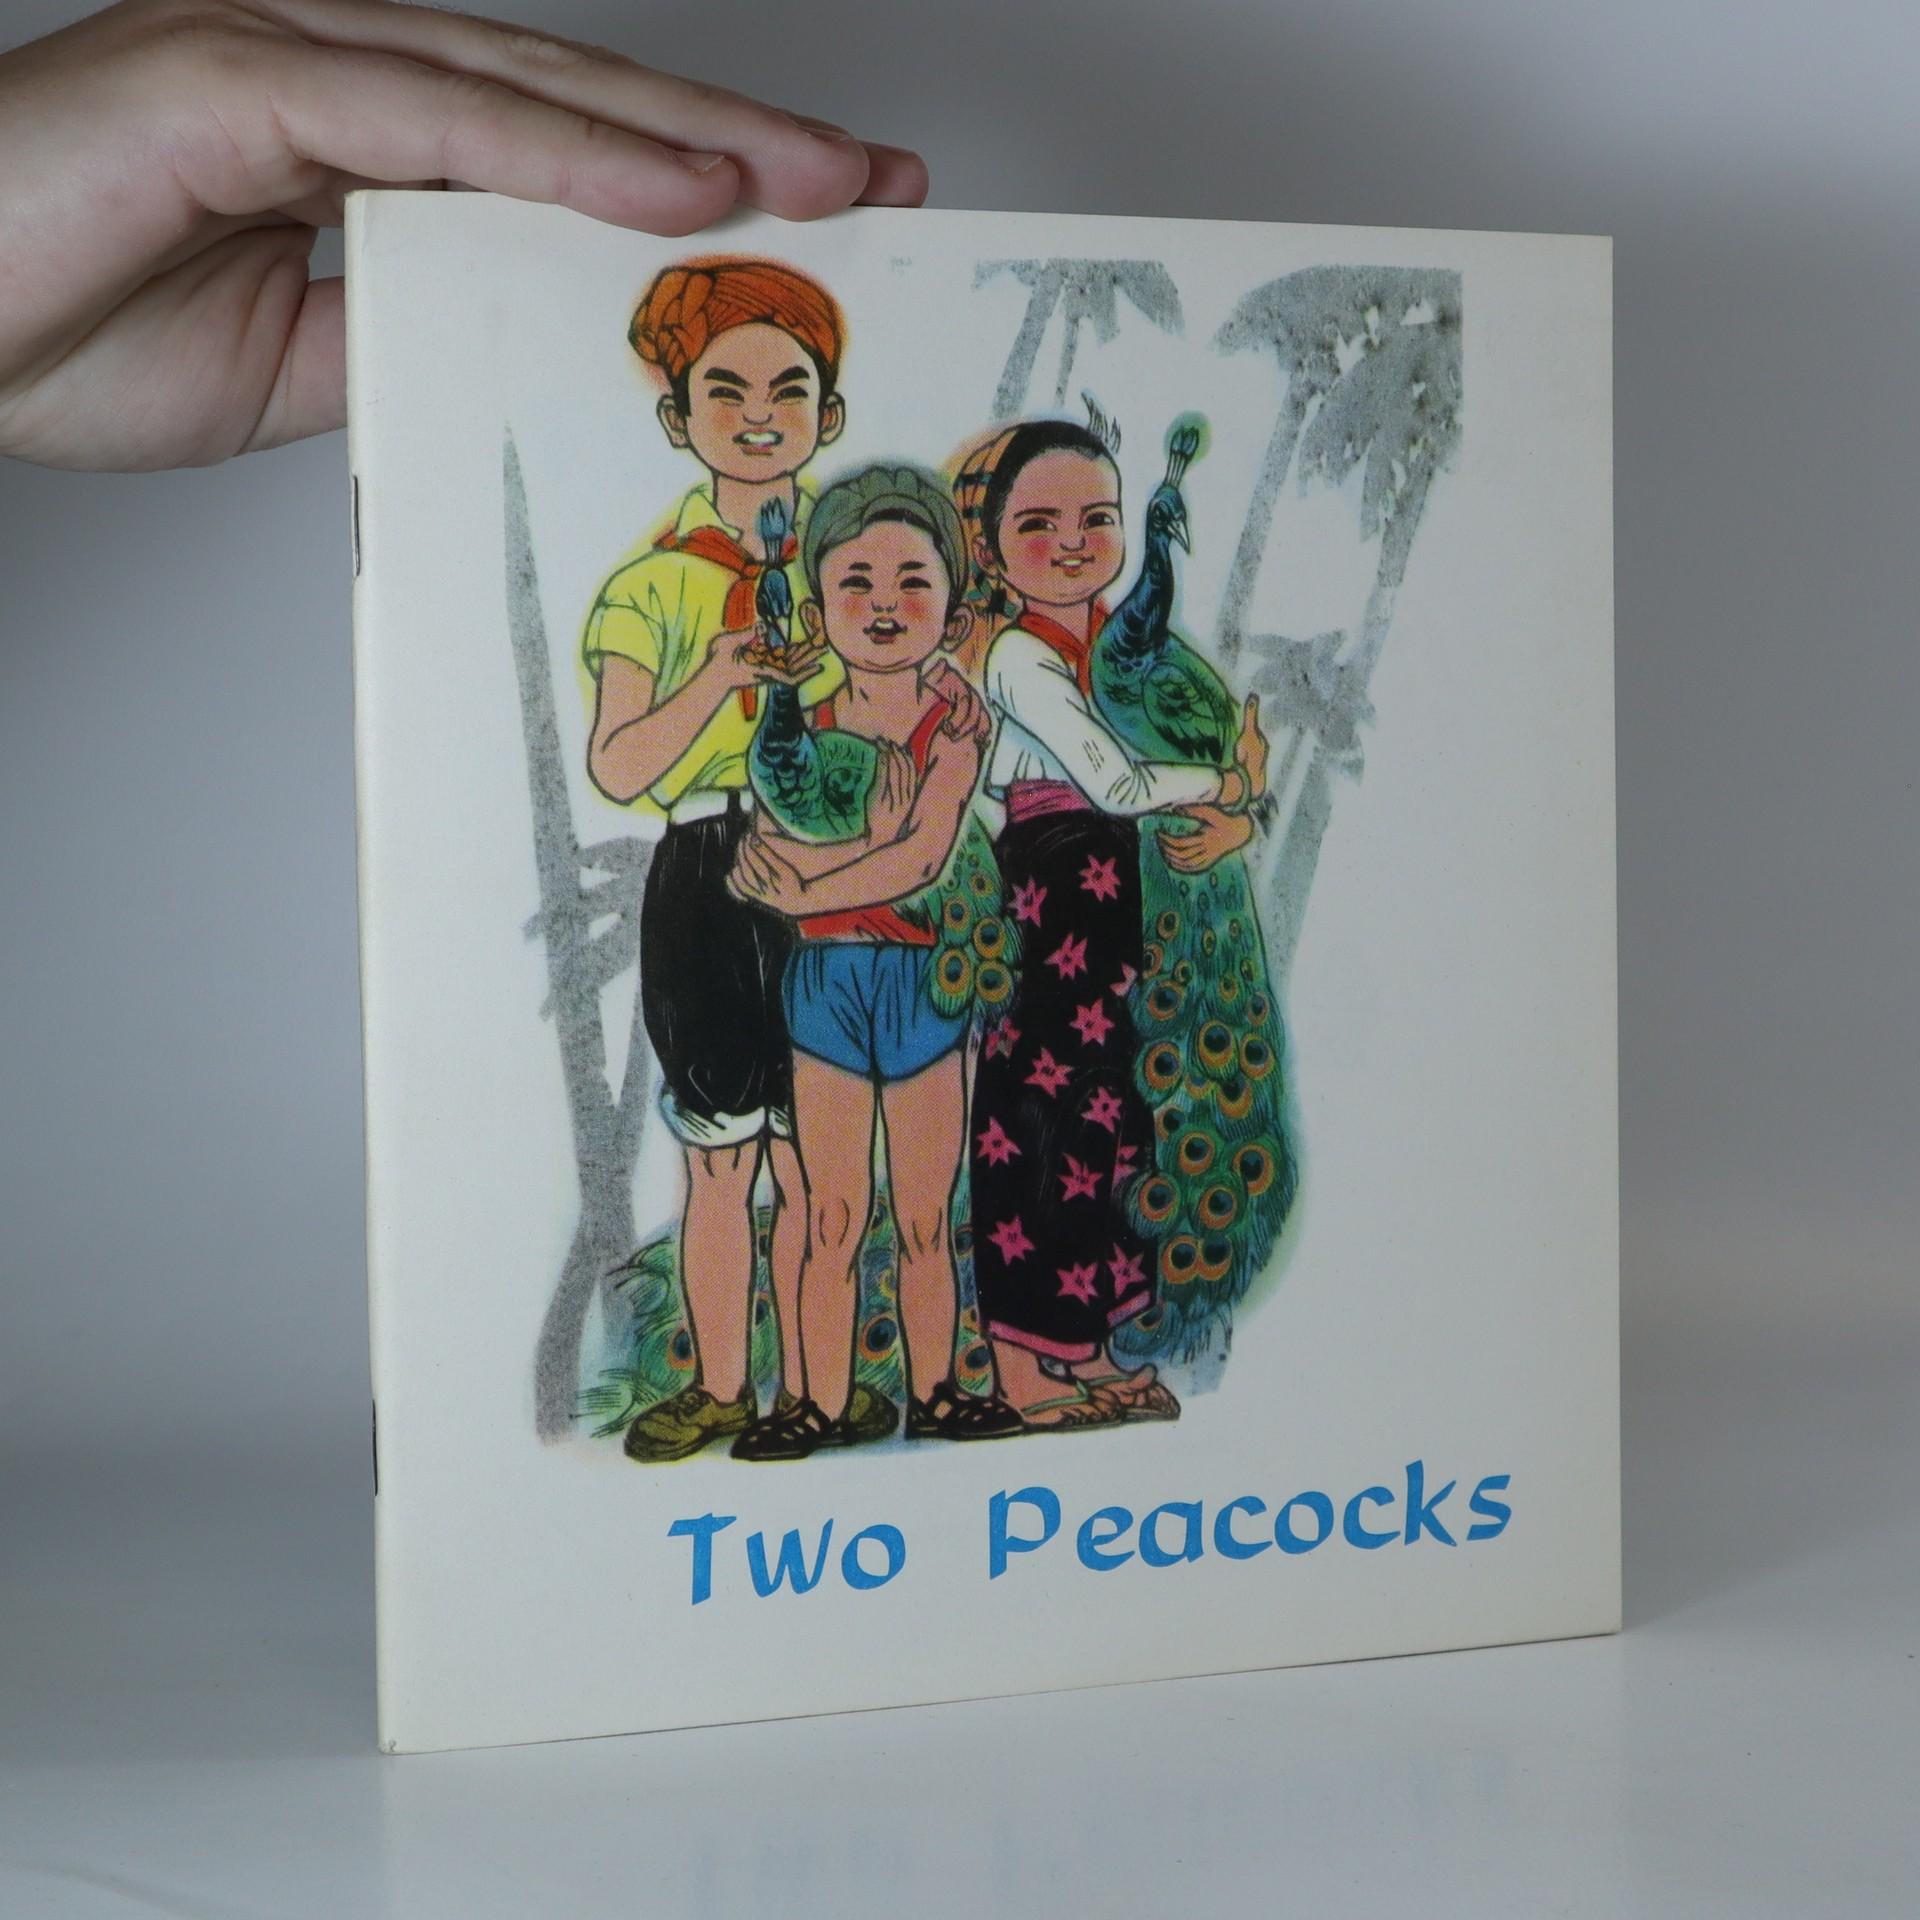 antikvární kniha Two peacocks, 1975